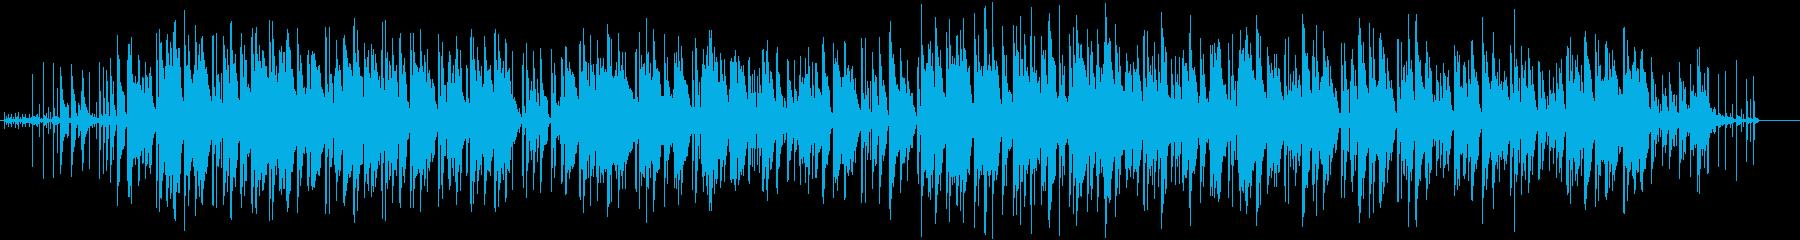 オーケストラ楽器。エキゾチックな音...の再生済みの波形